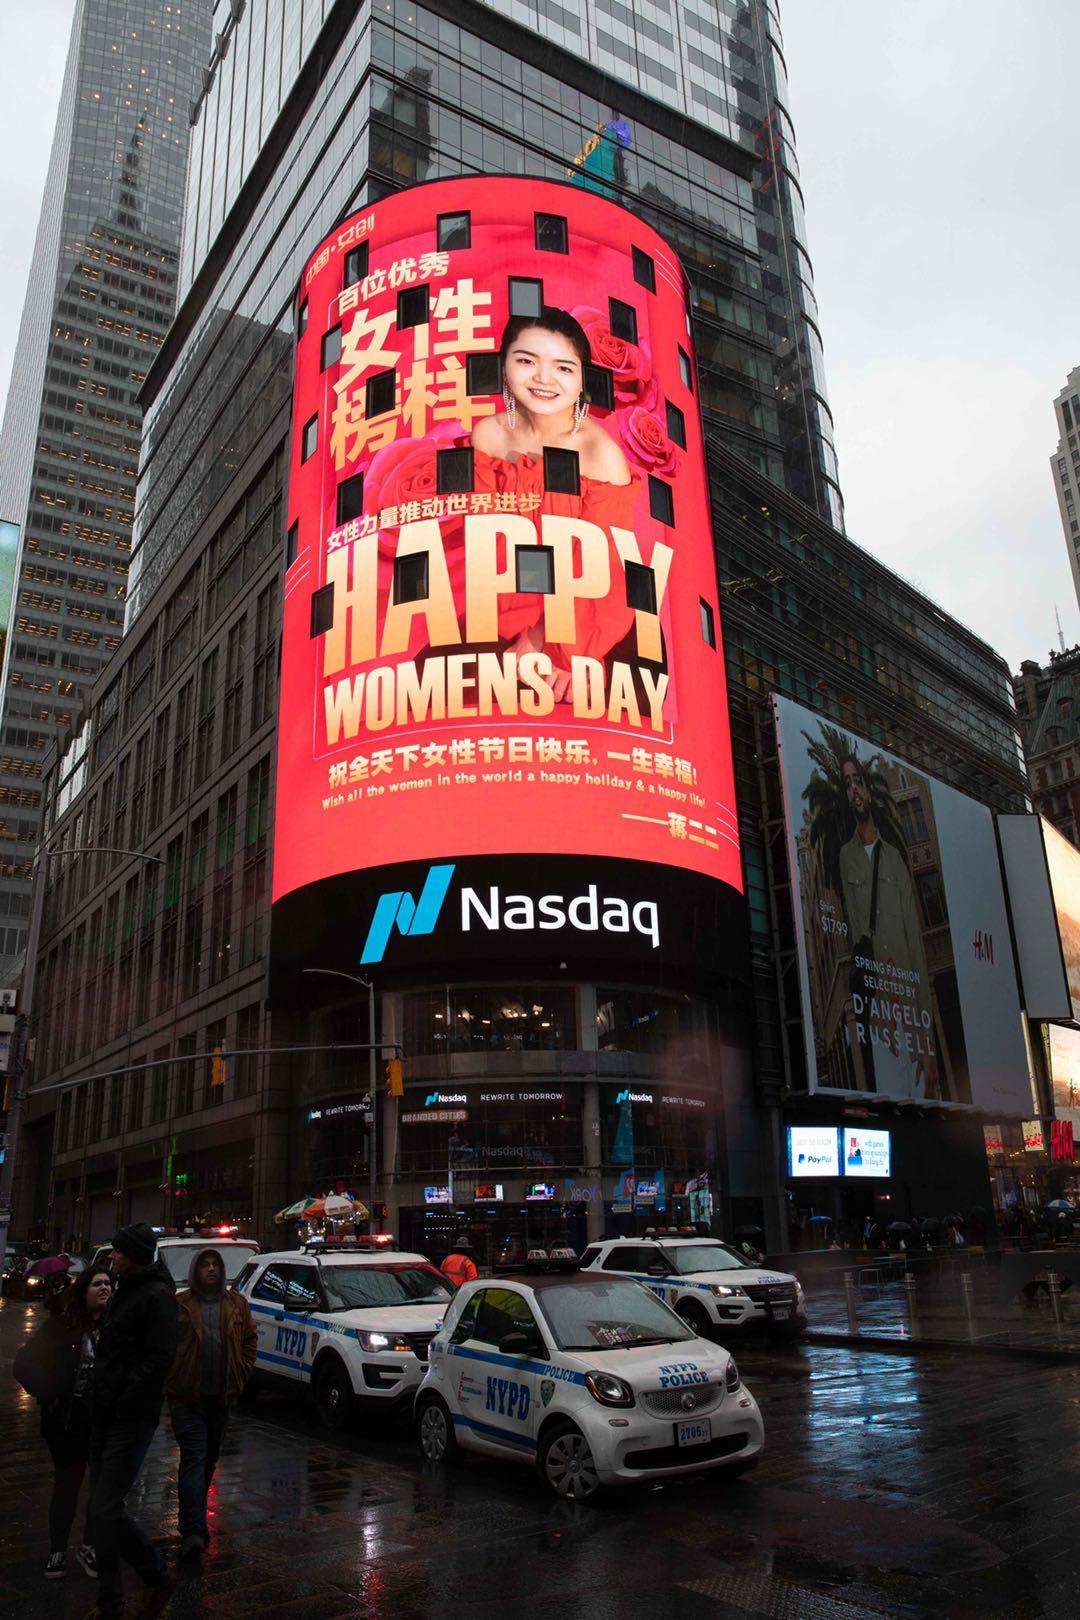 不止双十一  | 一二映像邀你上纽约时代广场大屏纳斯达克大屏